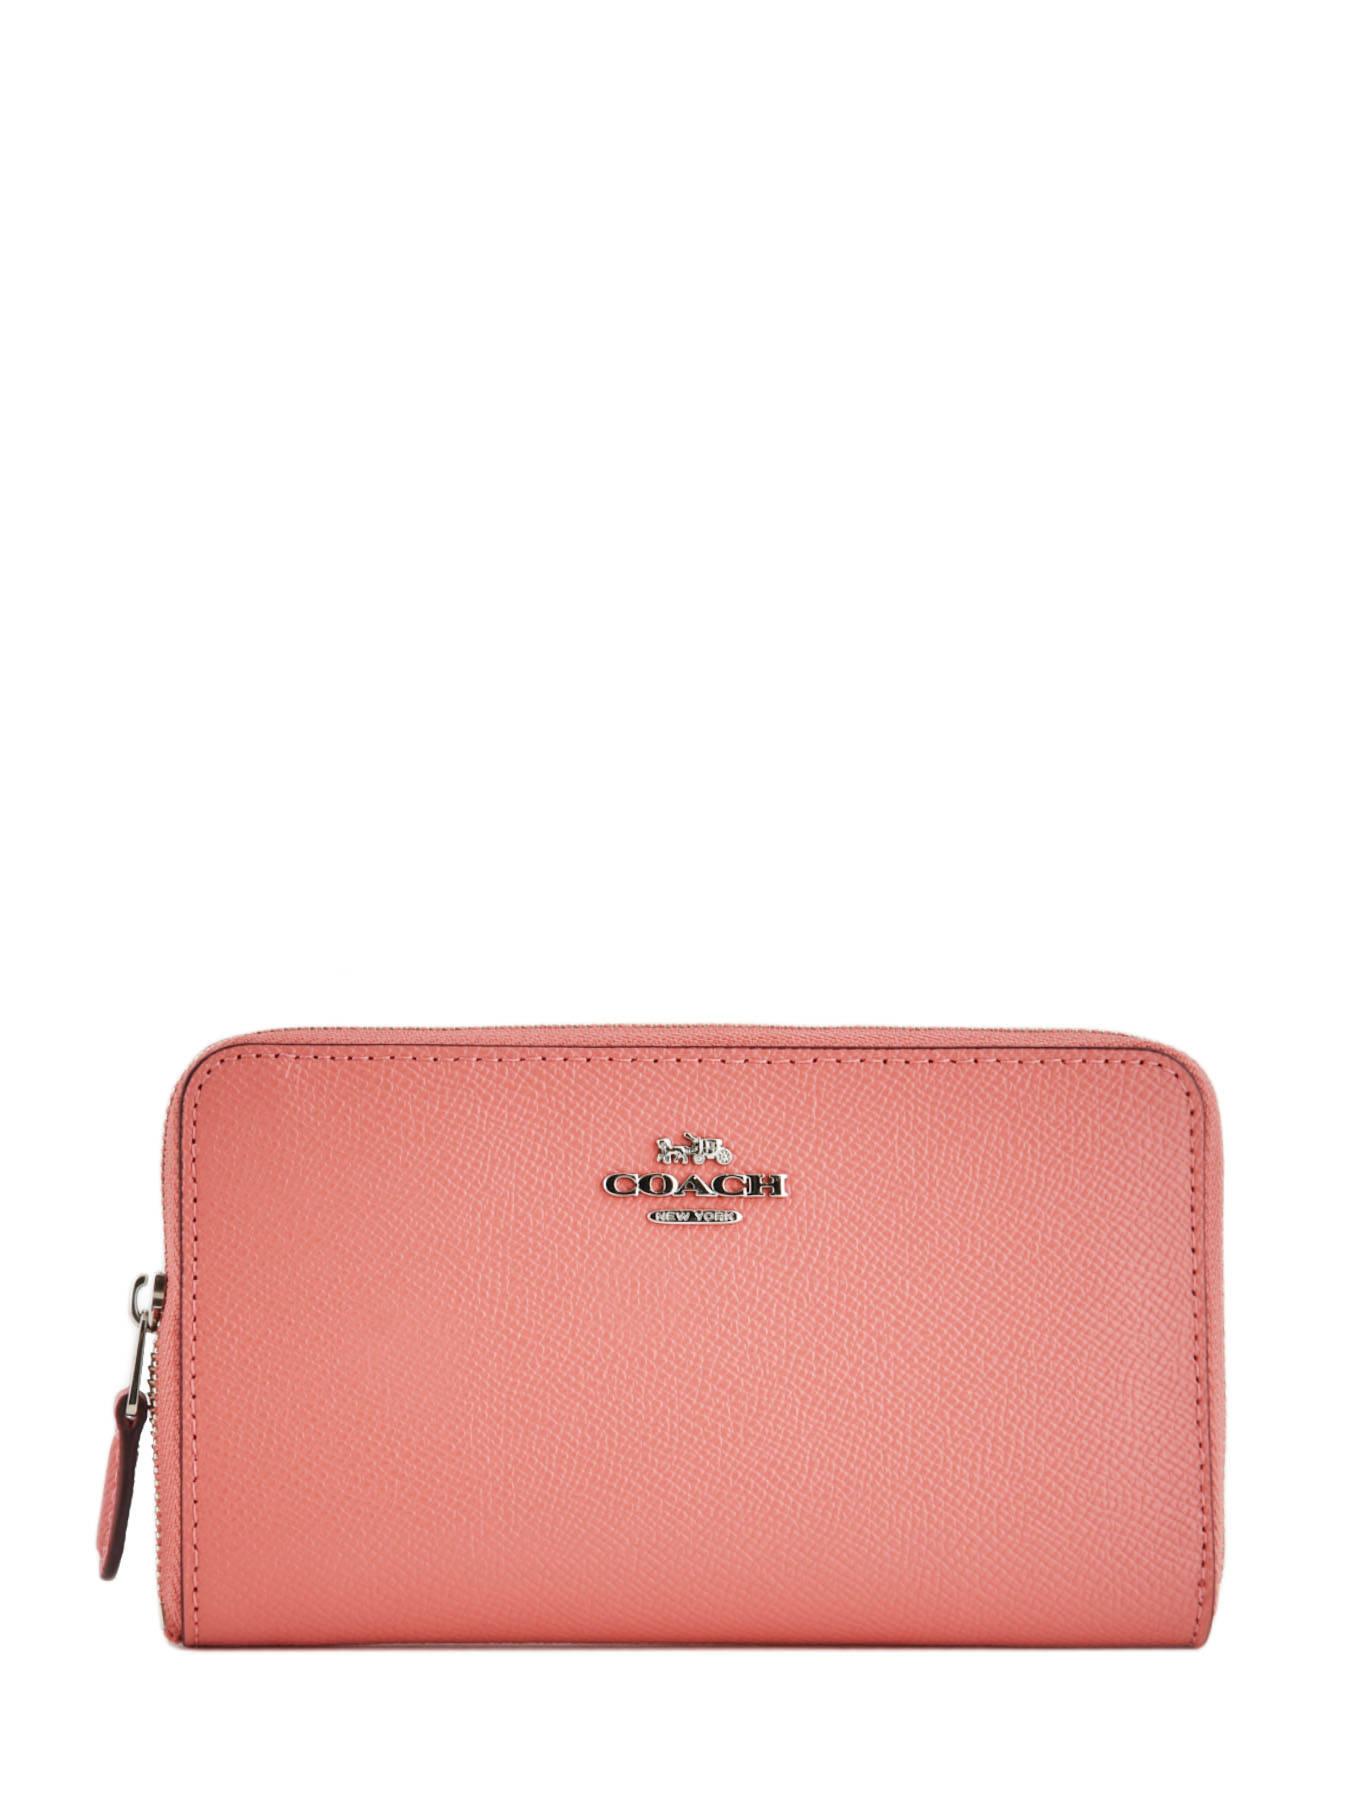 d9e9f07c1b ... Wallet Leather Coach Multicolor wallet 58584 ...